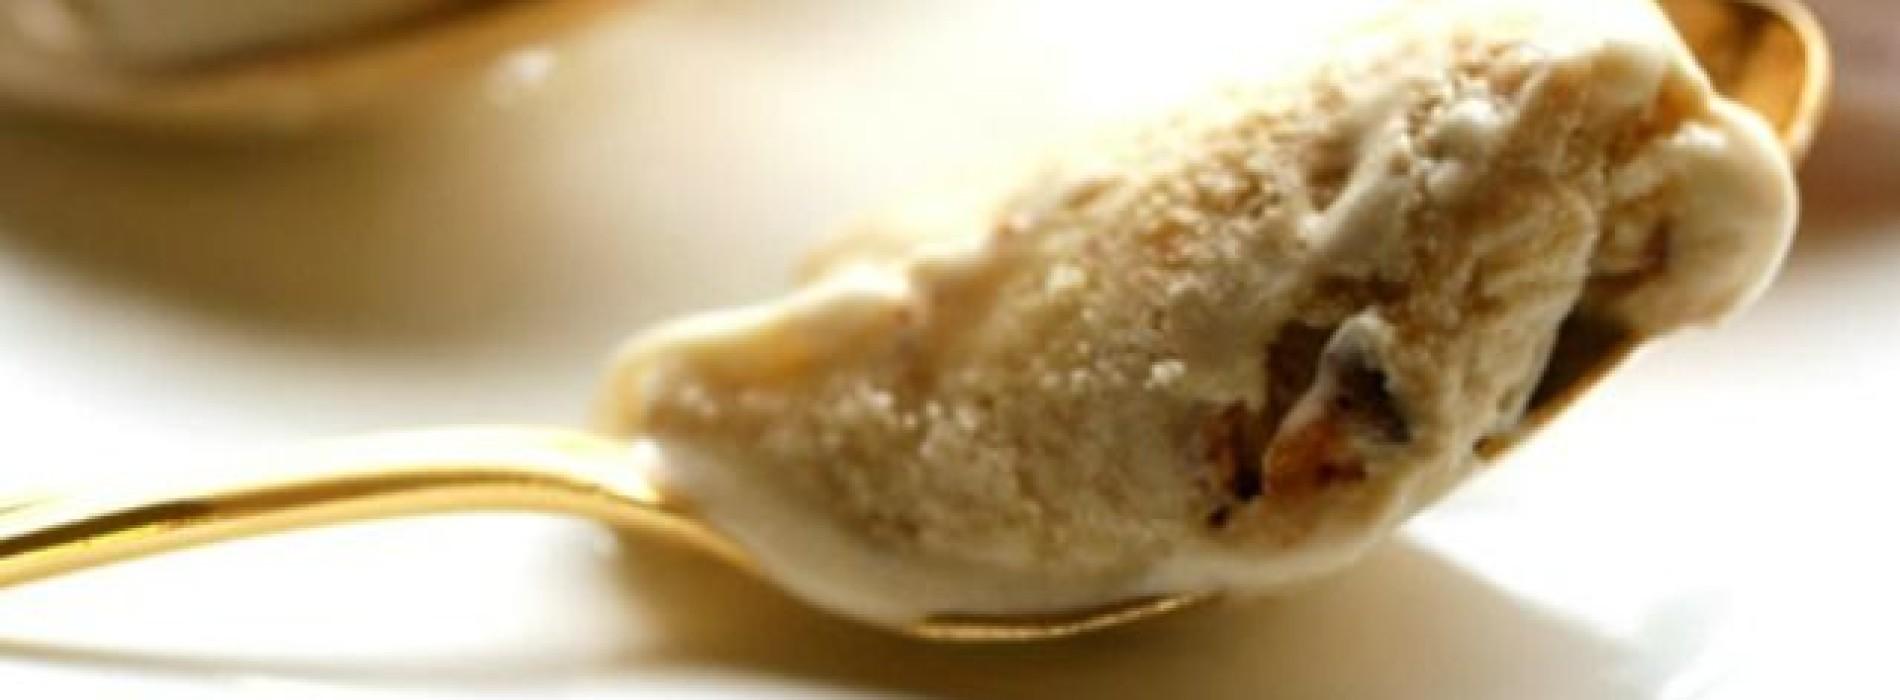 Pasticcerie e gelaterie in Italia: è boom di quelle straniere